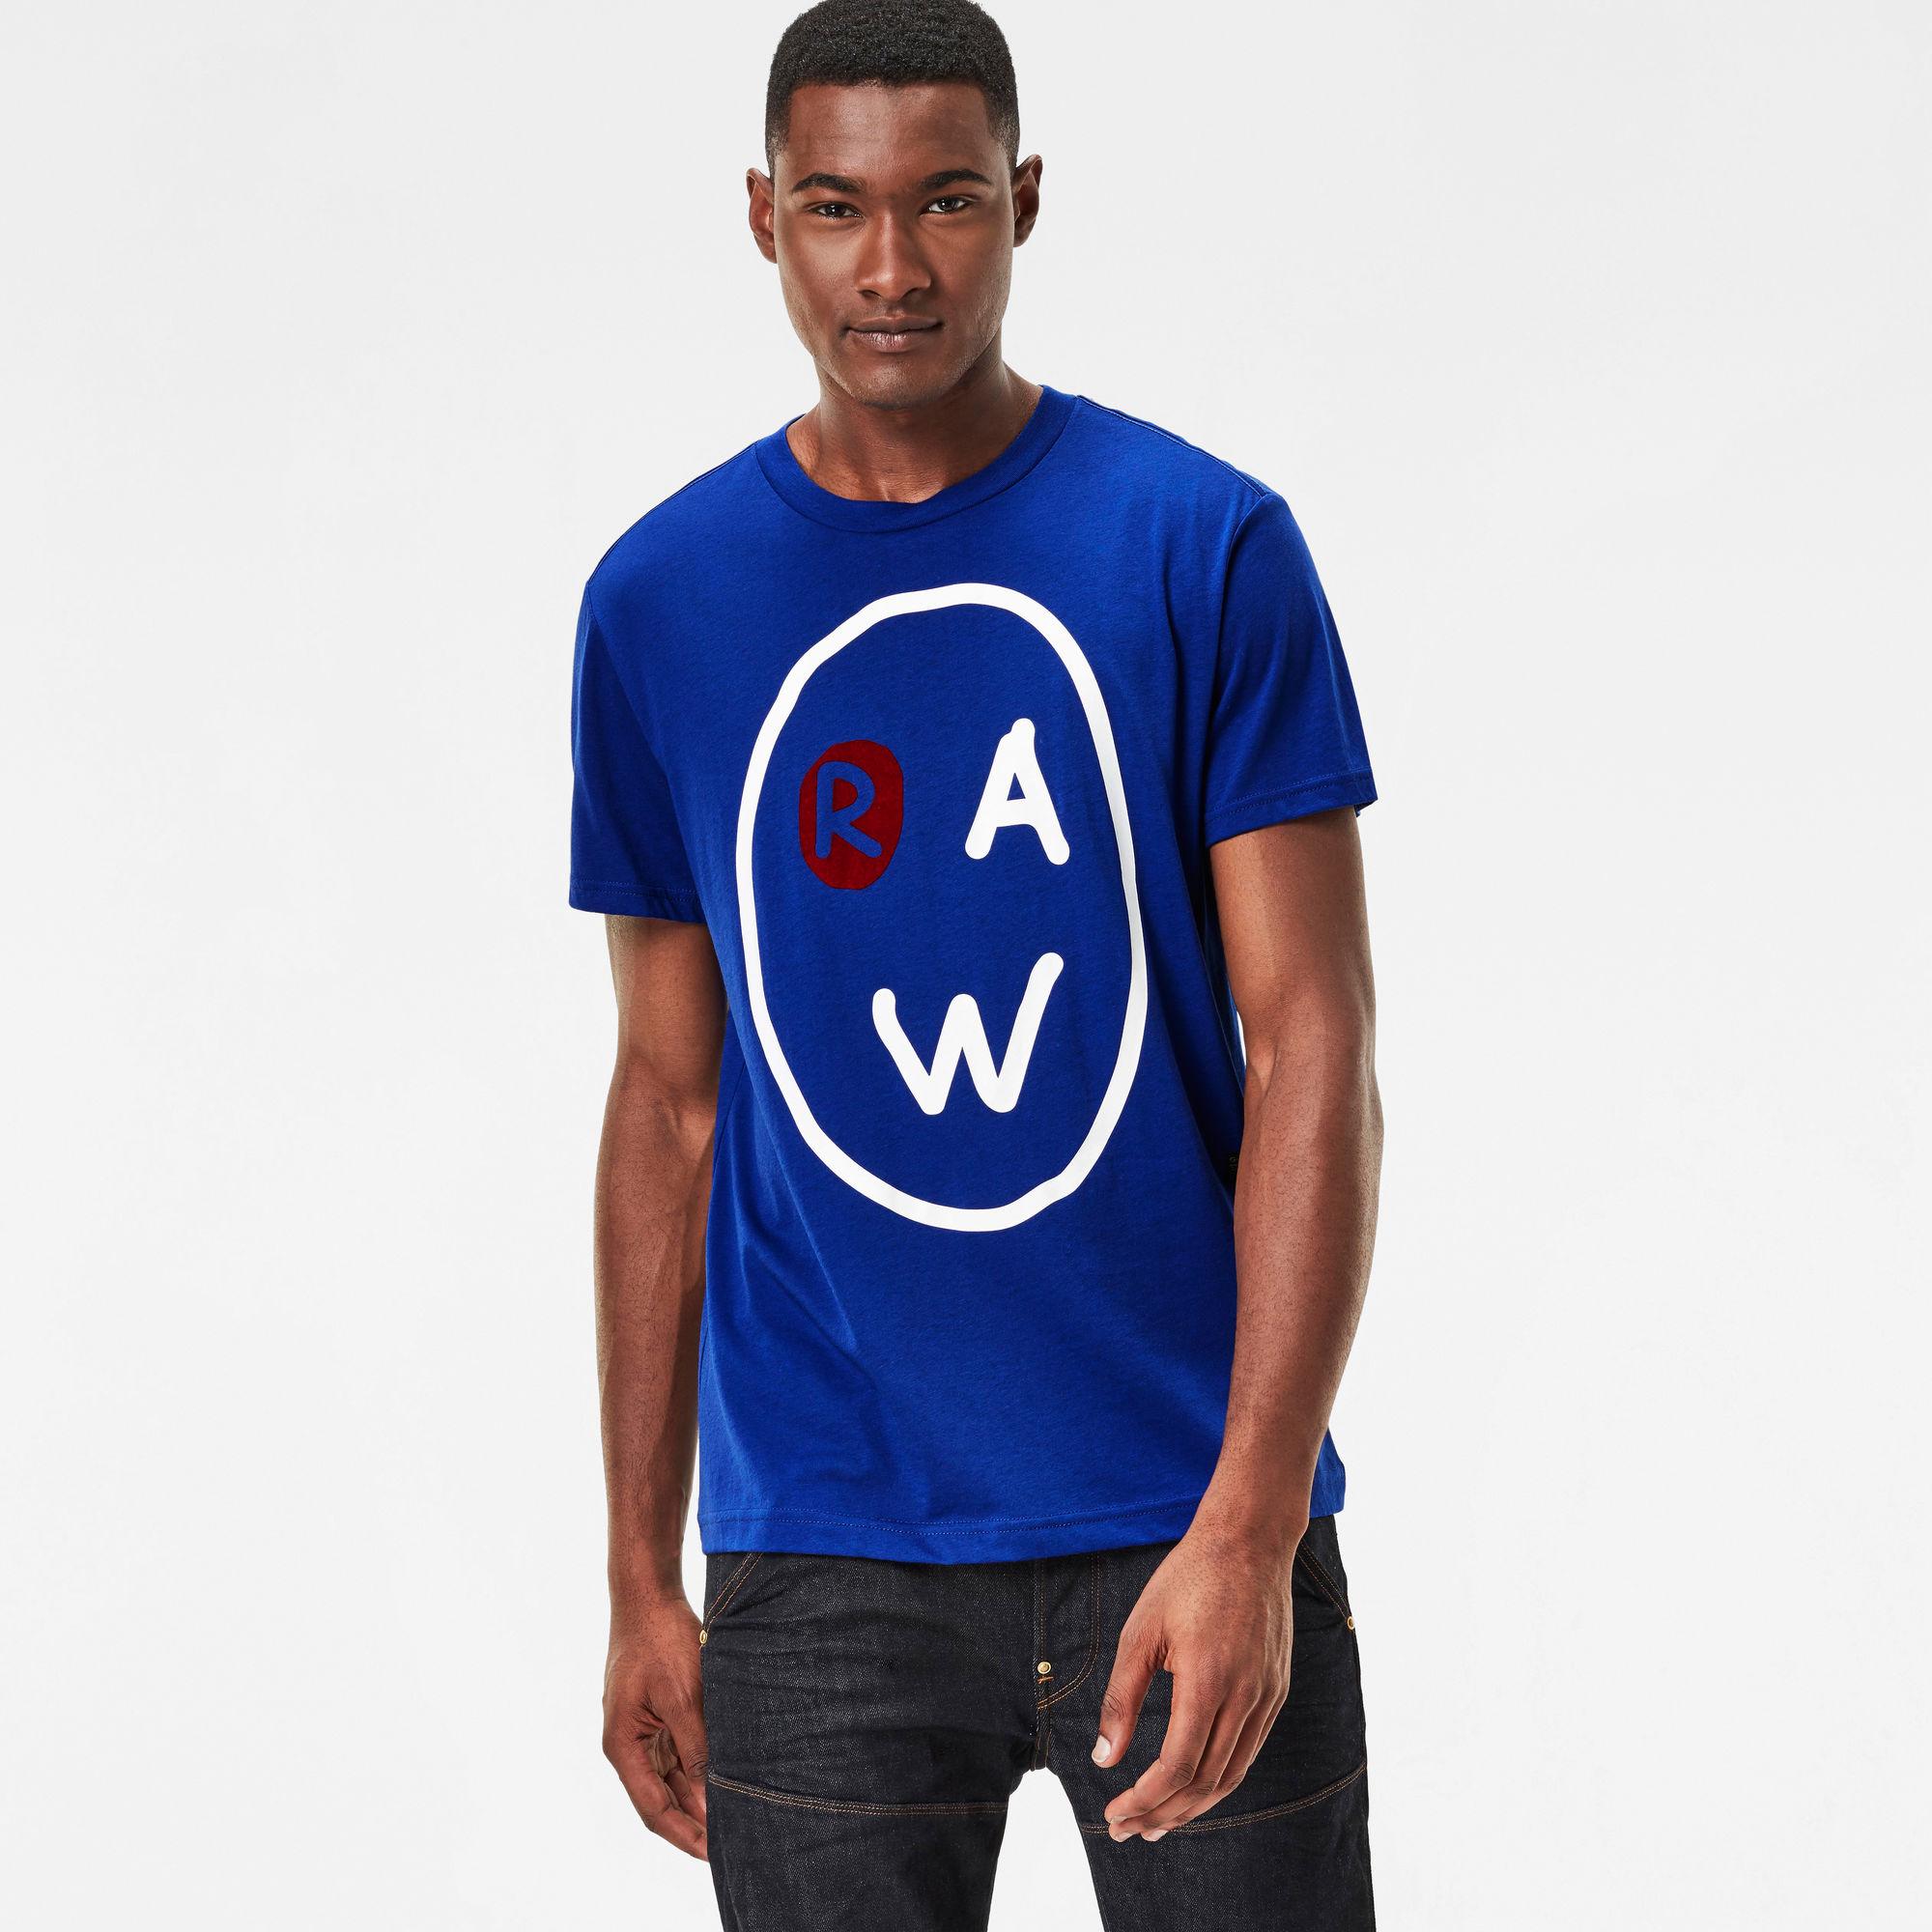 Apour T-Shirt